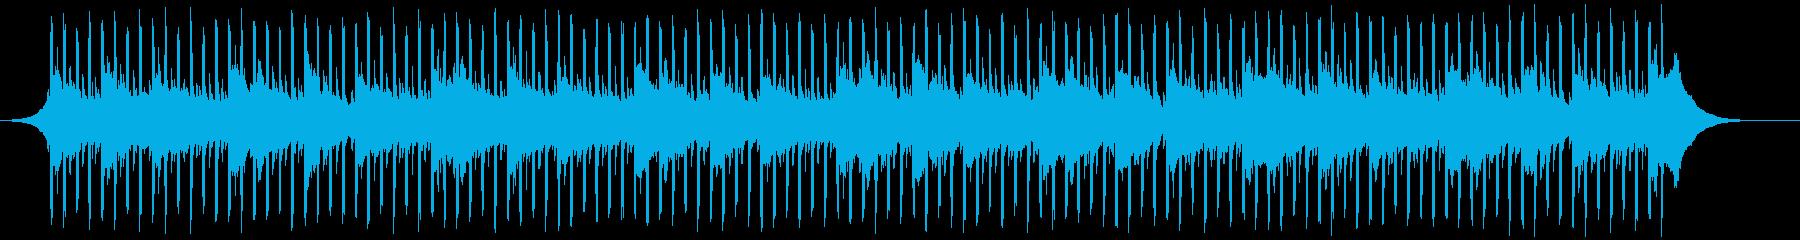 インフォグラフィック(60秒)の再生済みの波形